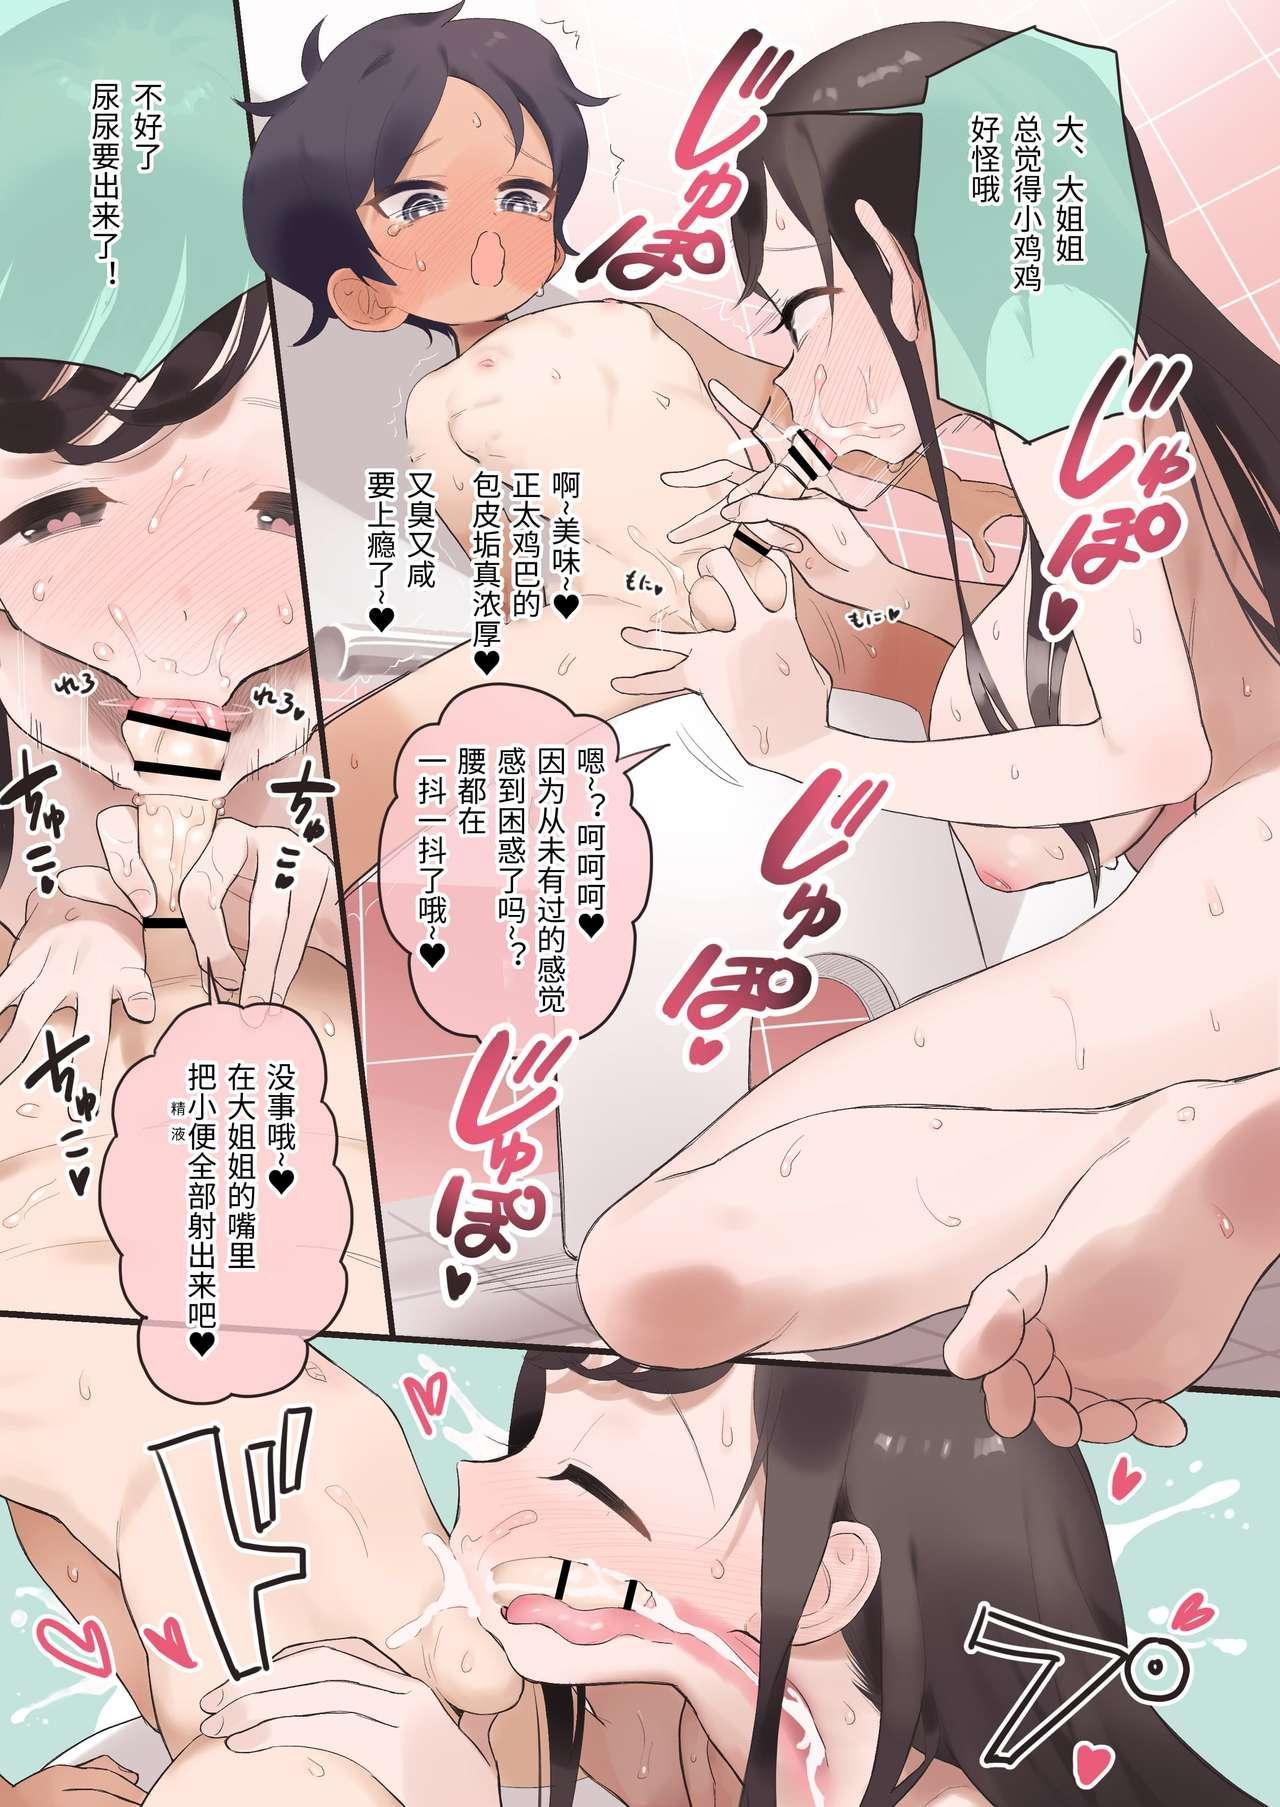 Chinkasu de kimaru Onna-tachi Comic Anthology 5